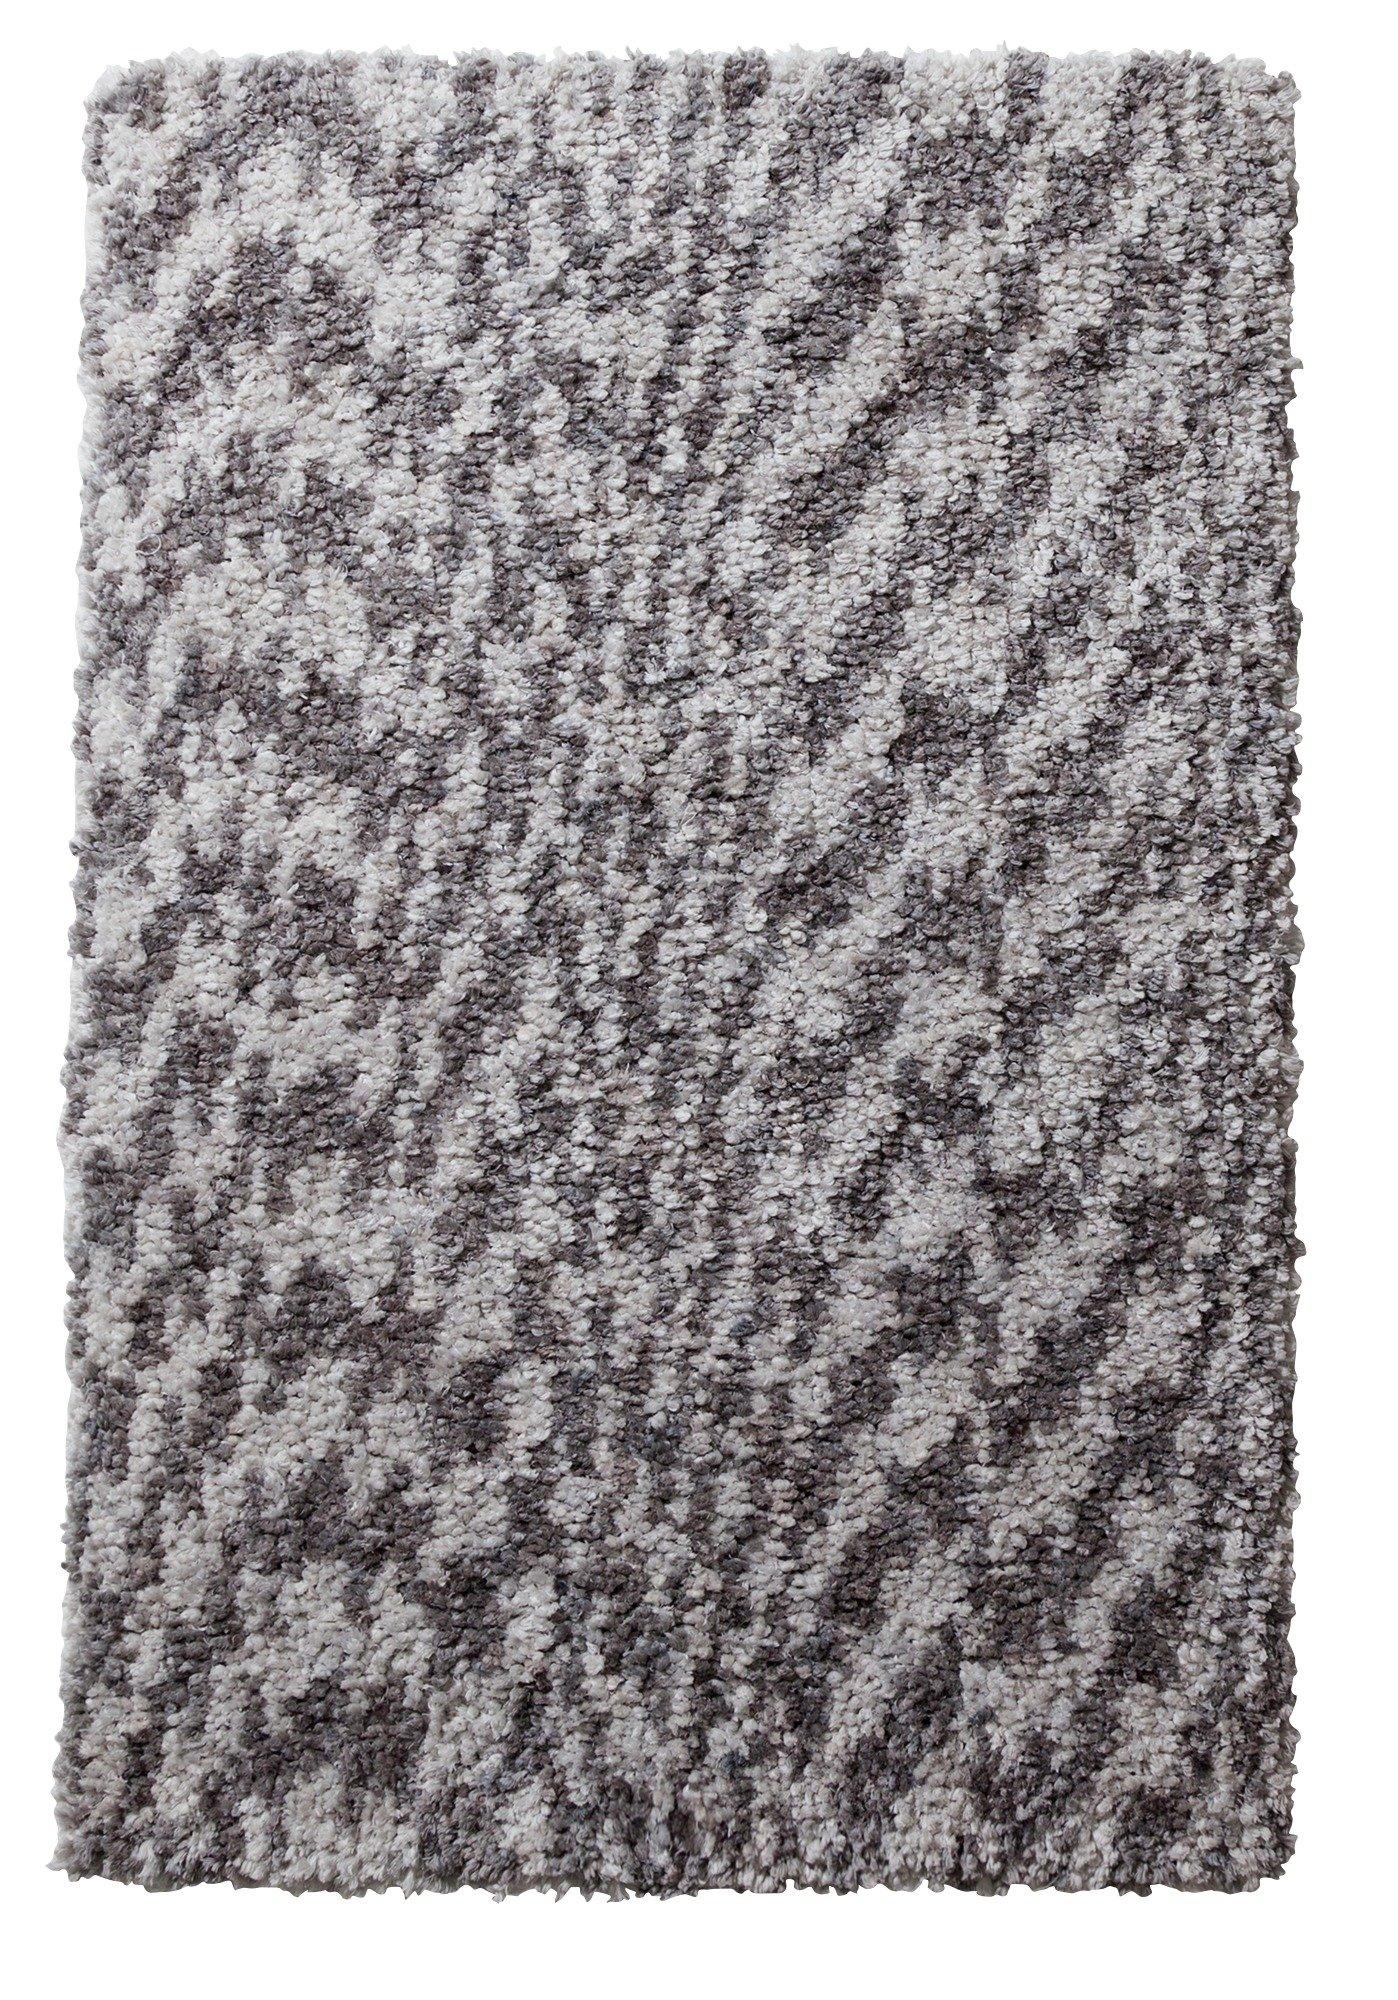 Argos Home Flump Shaggy Rug - 230x160cm - Grey Marl